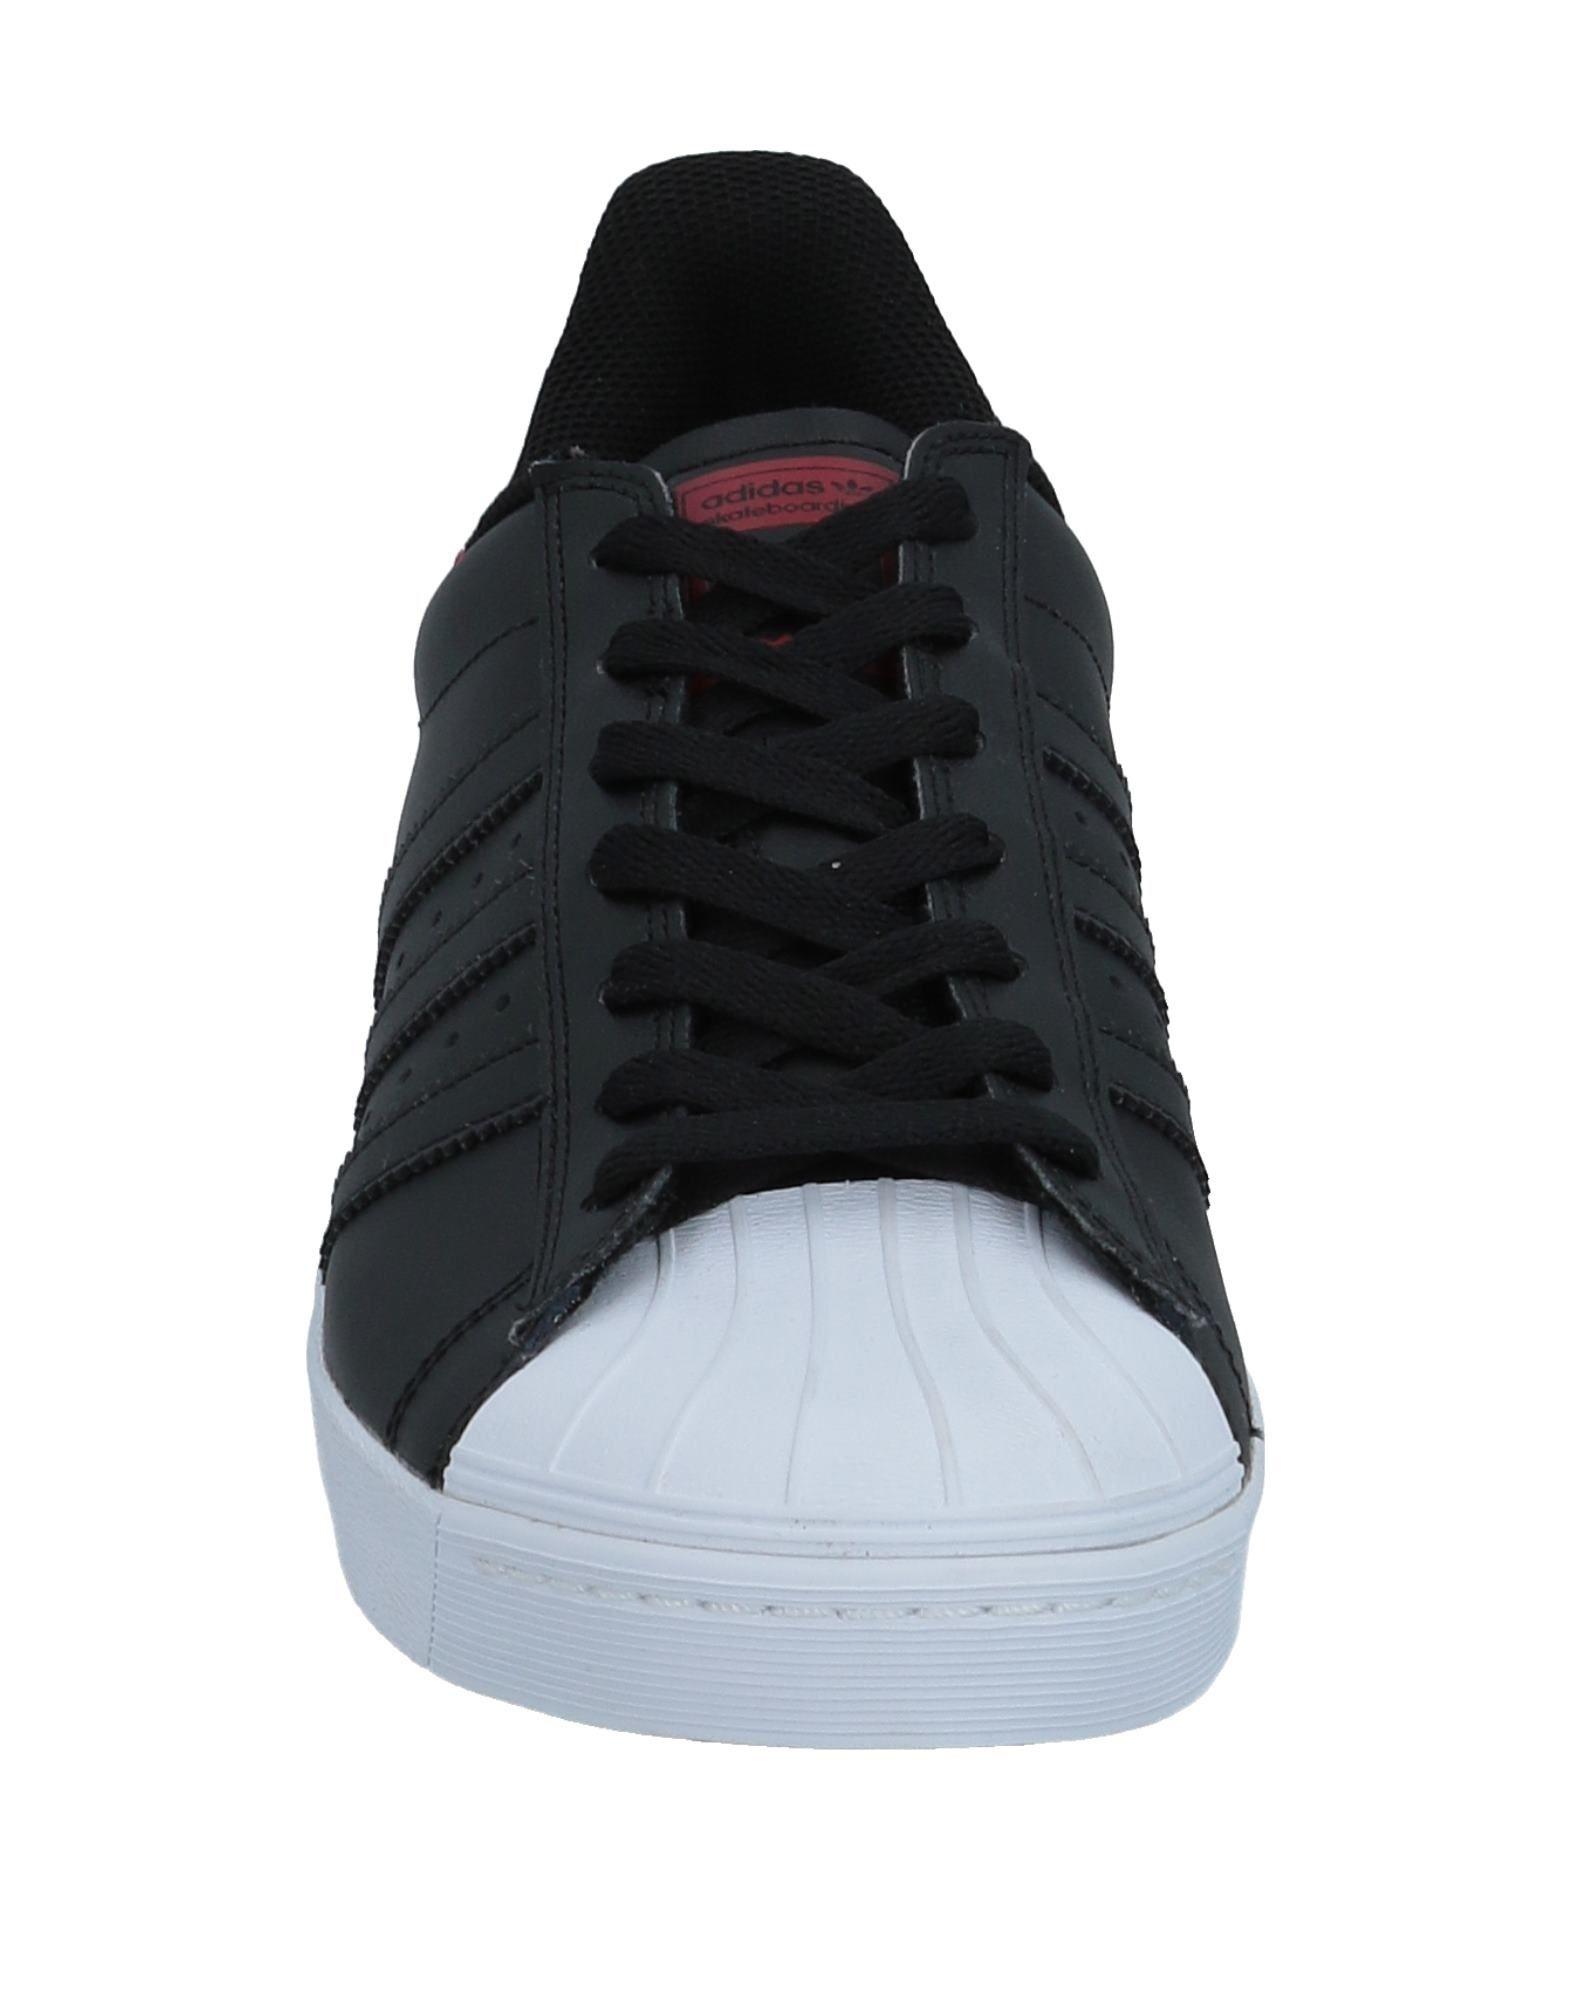 Adidas Sneakers Herren Herren Sneakers  11515969BC b6a19c